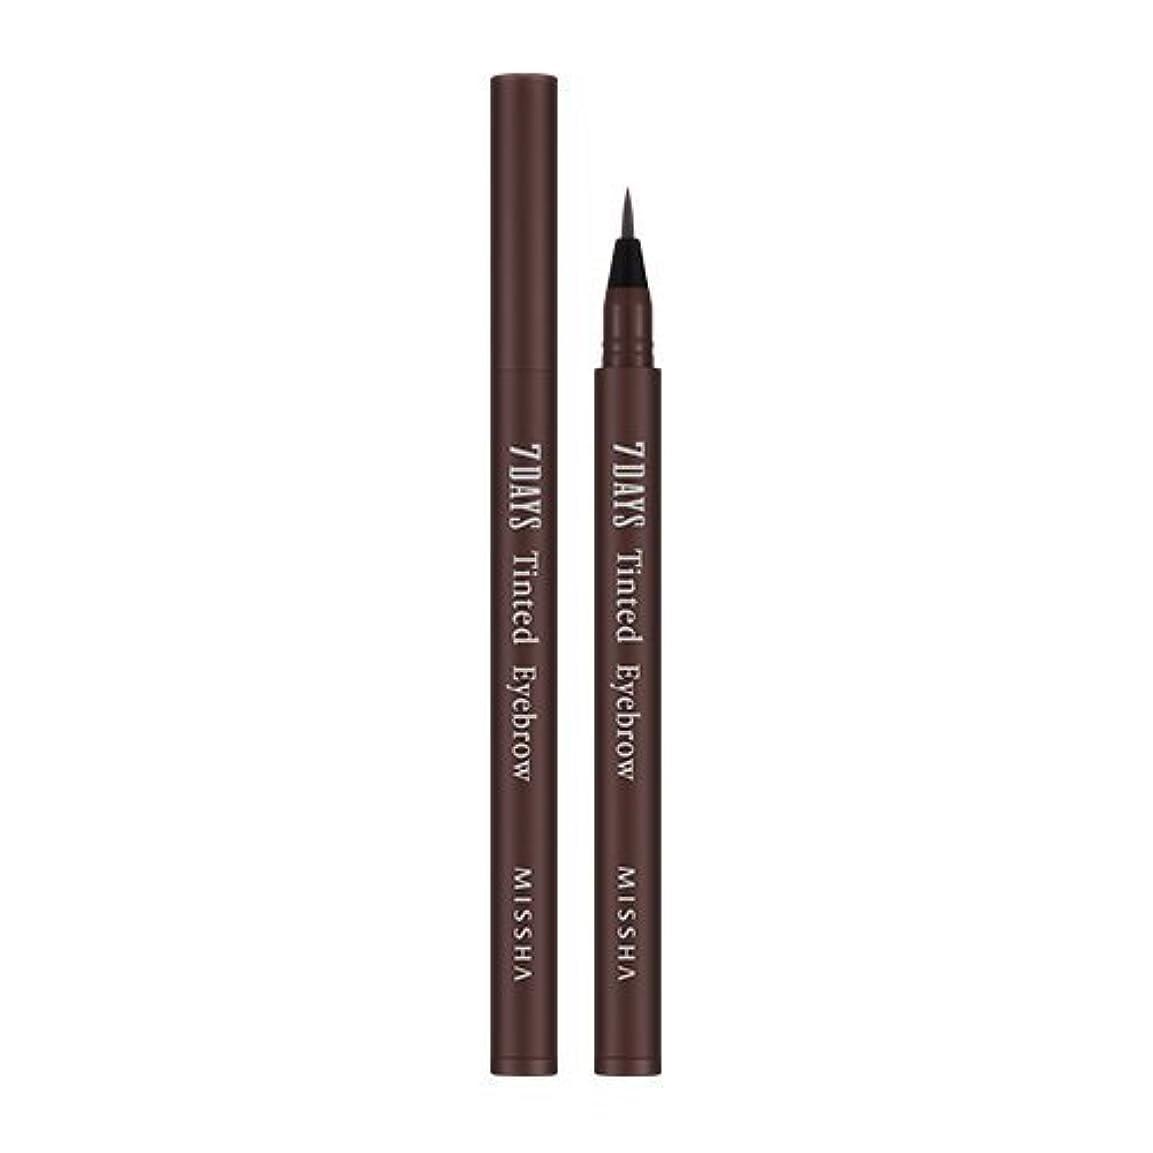 配るきしむ特権的MISSHA Seven Days Tinted Eye Brow 0.8ml (#01 Maroon Brown)/ミシャ セブンデイズ ティンテッド アイブロウ 0.8ml (#01 Maroon Brown)